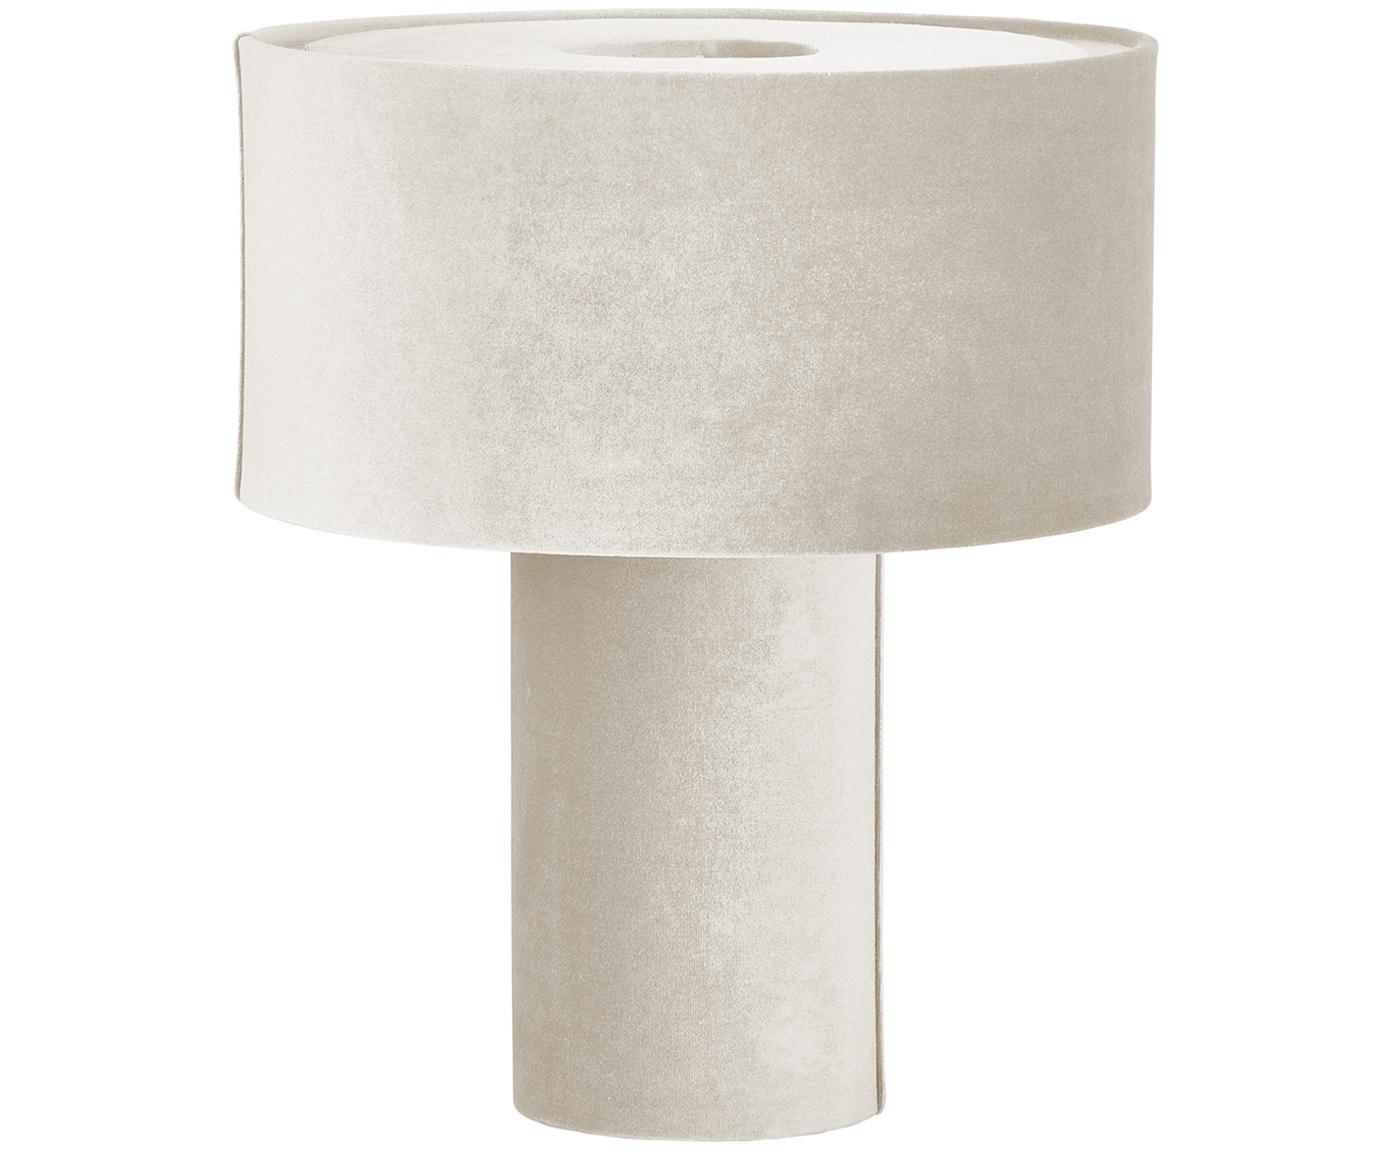 Samt-Tischleuchte Frida, Lampenfuß: Kunststoff mit Samtbezug, Lampenschirm: Samt, Beige, Ø 30 x H 36 cm